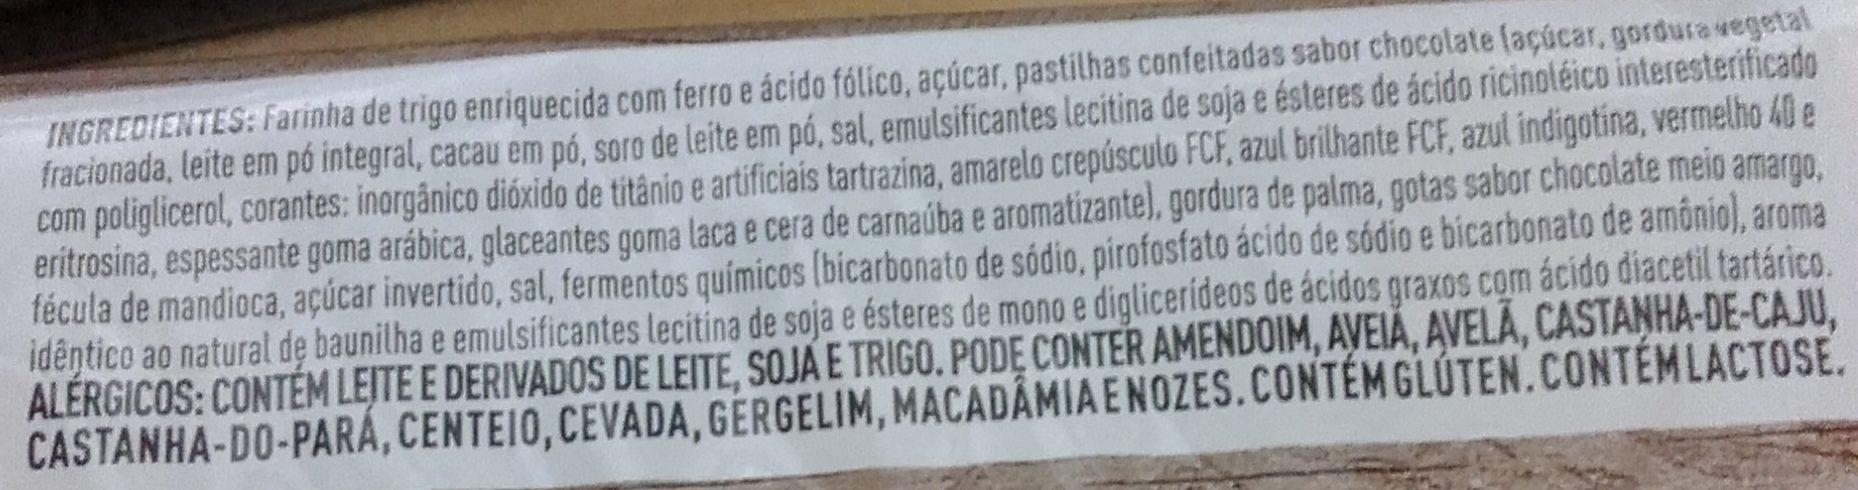 Cookies de Baunilha com Confeitos Qualitá - Ingredients